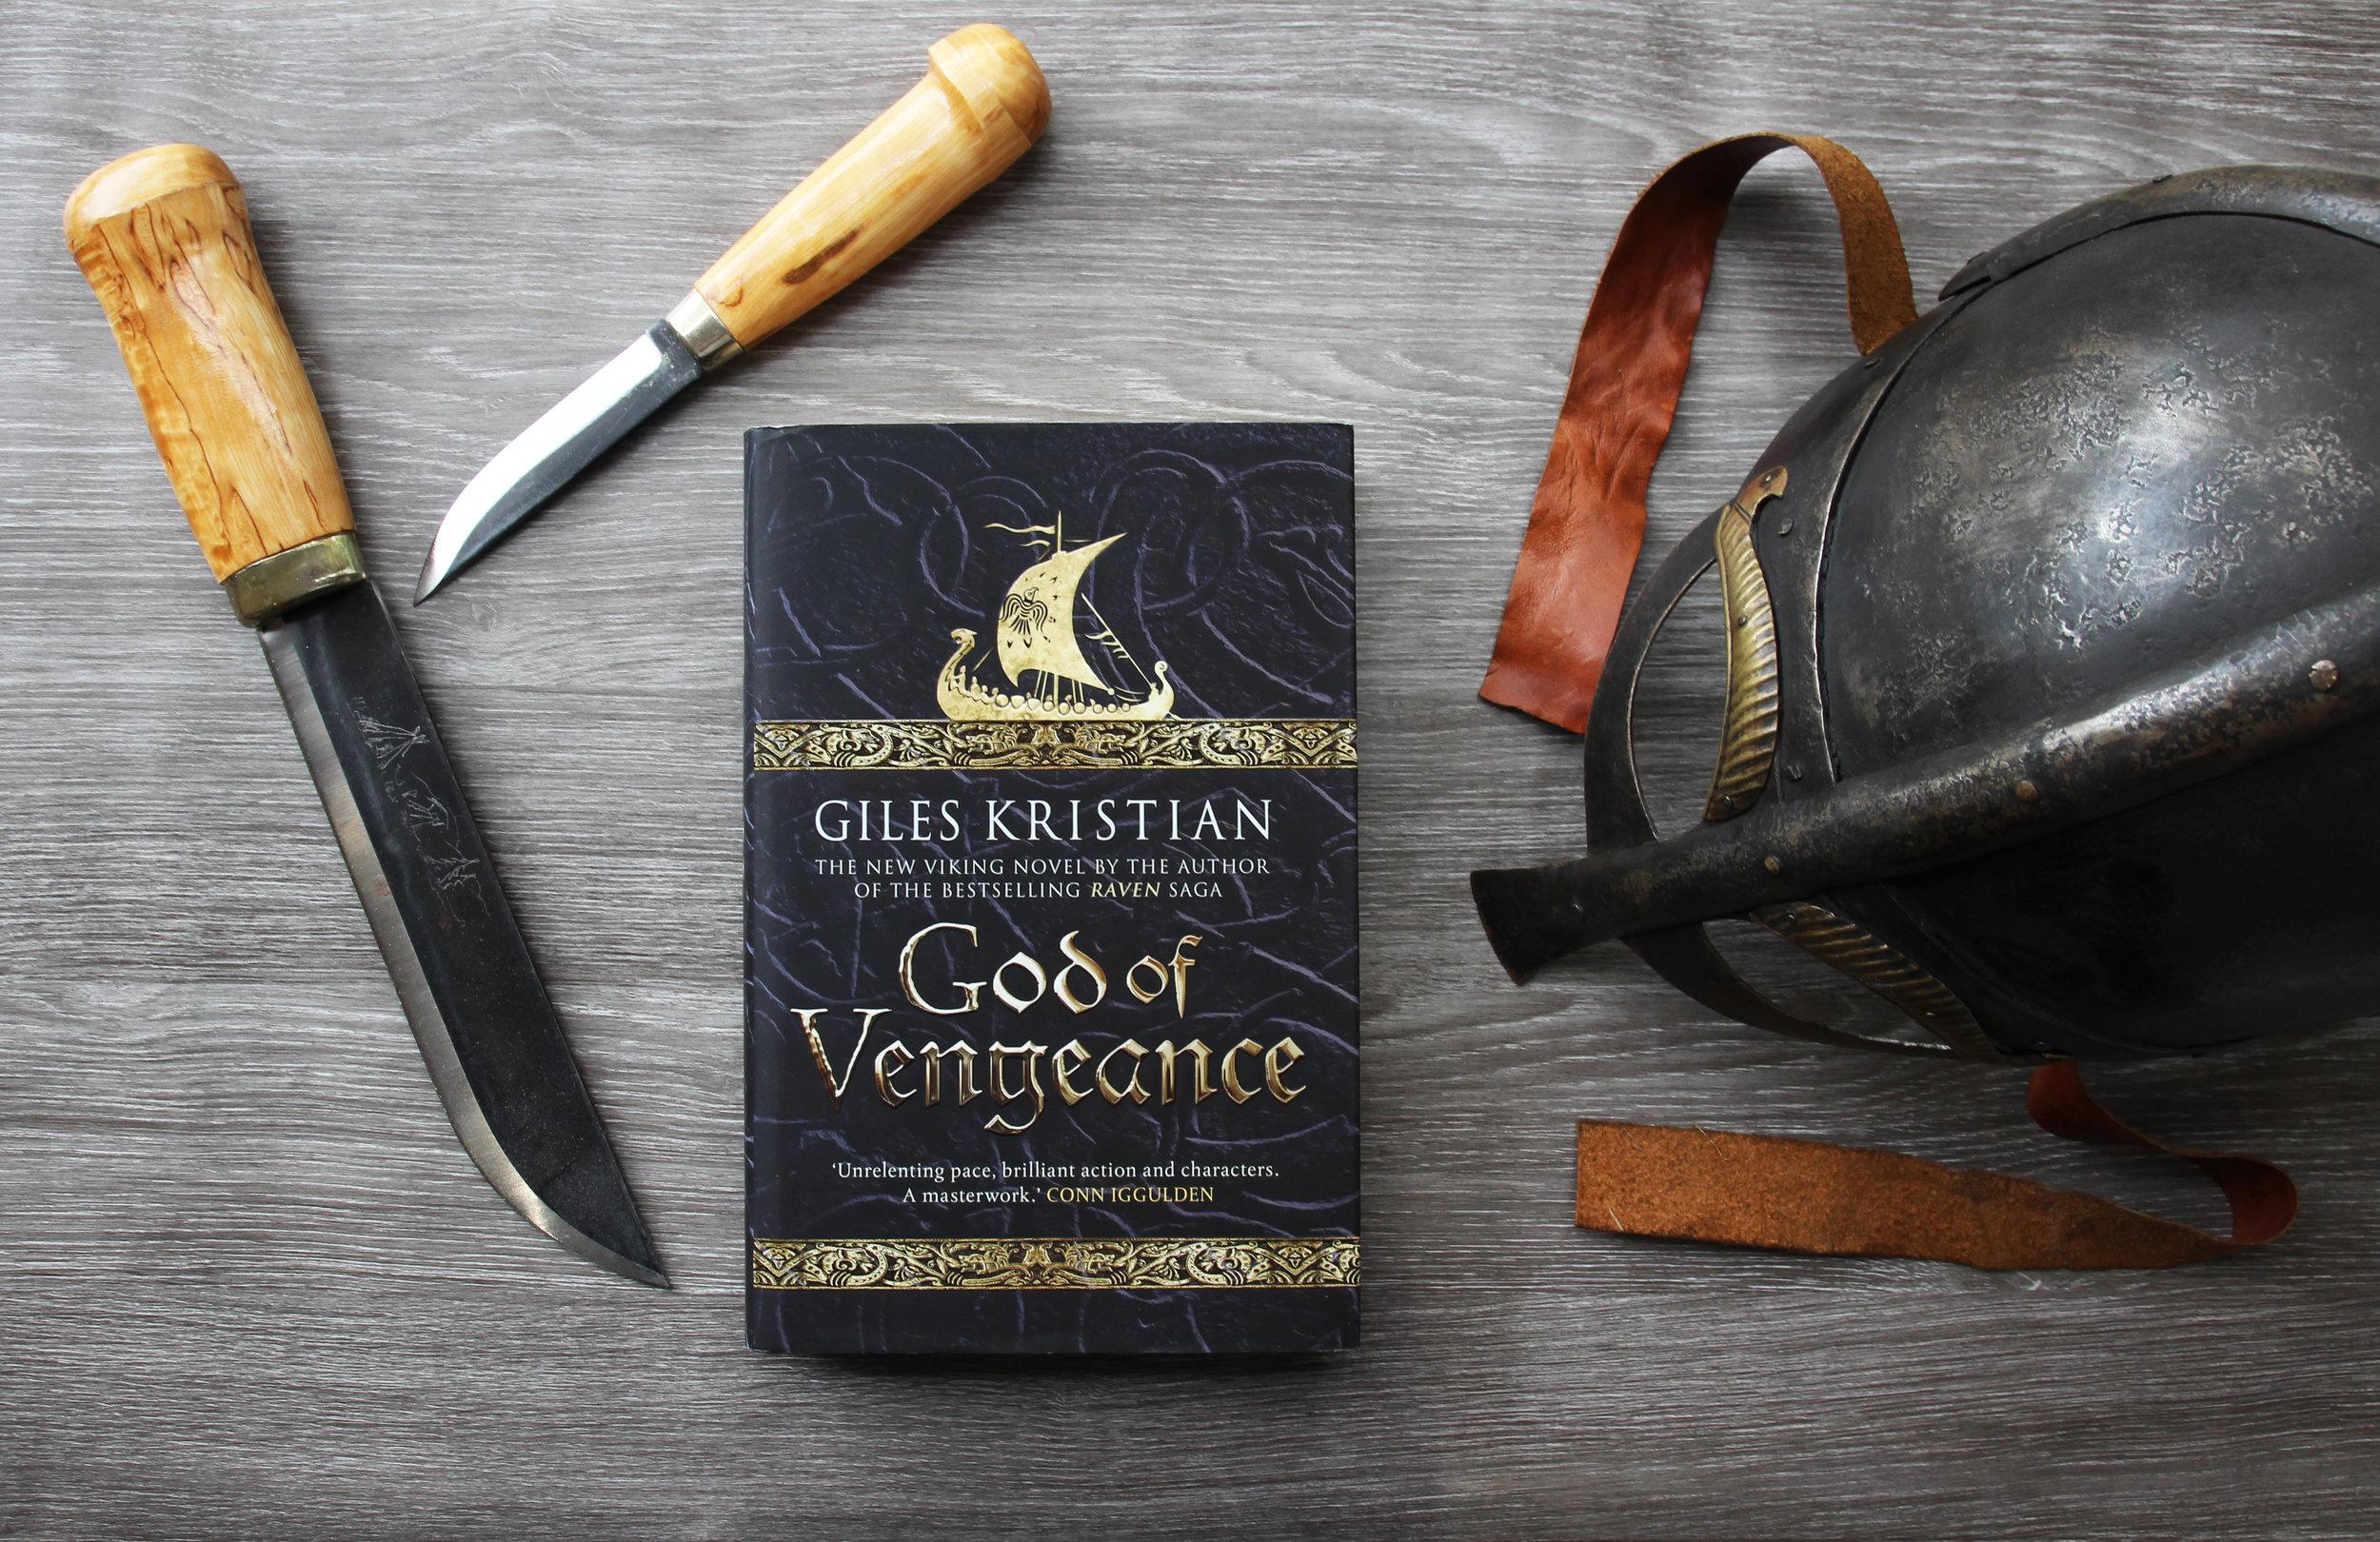 God of Vengeance By historic novalist Giles Kristian